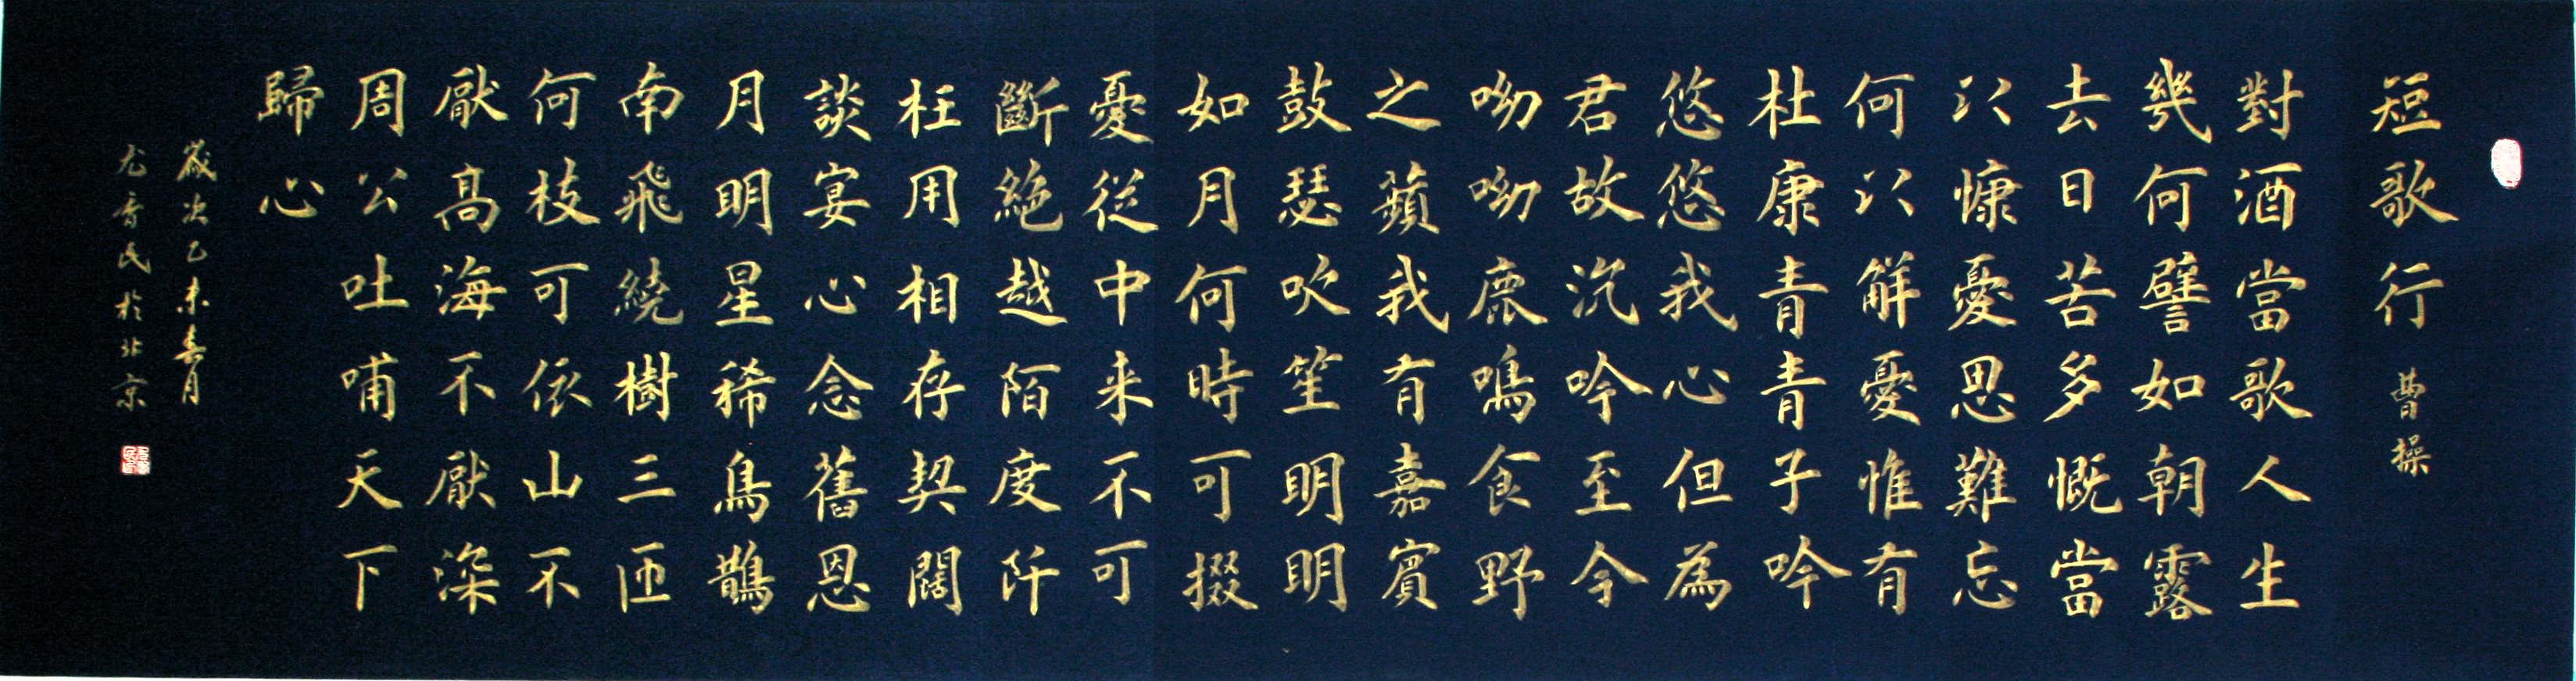 六尺屏楷书:曹操·短歌行图片